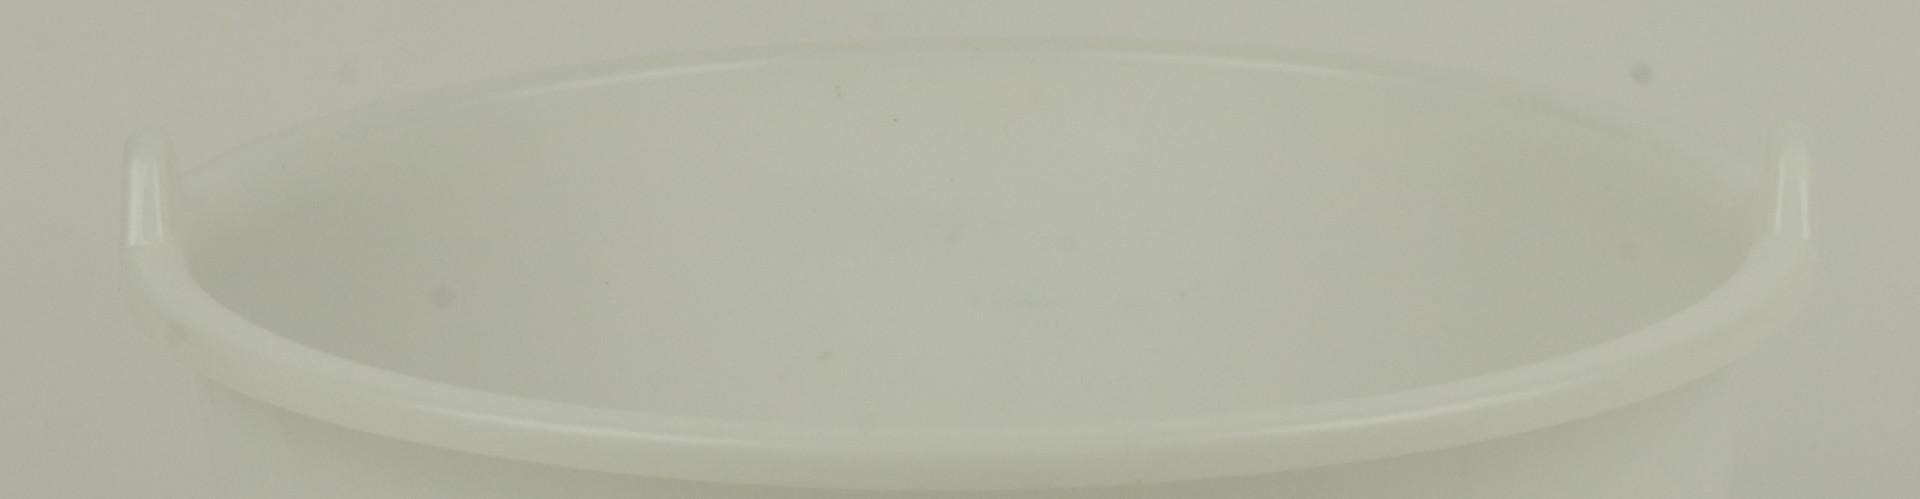 Melk witte emmer